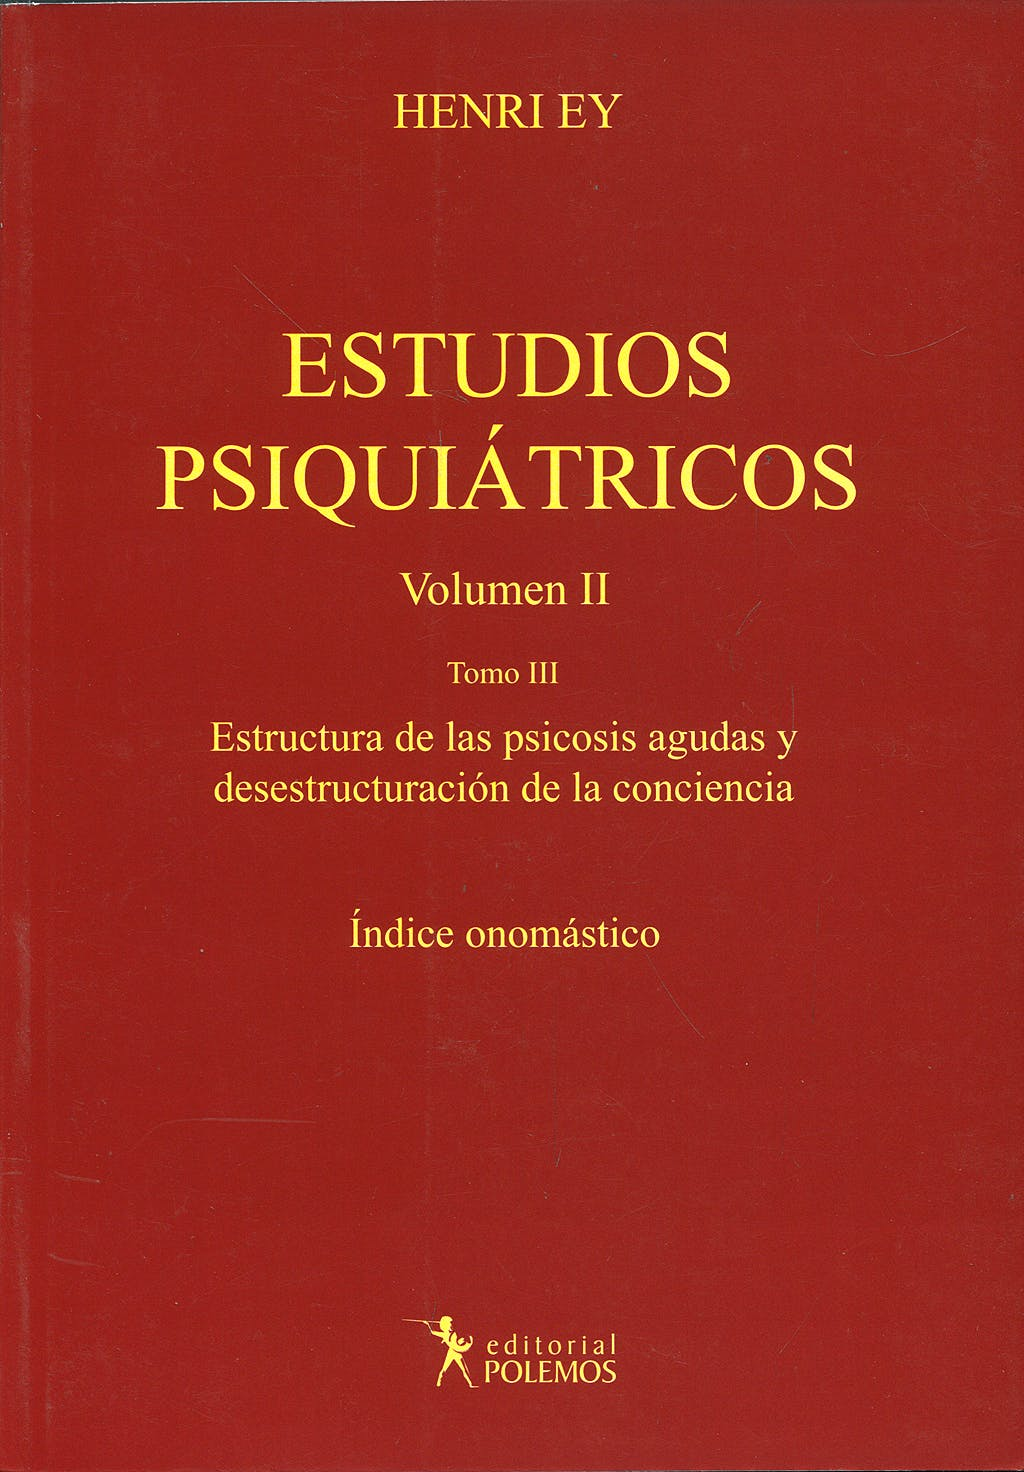 Portada del libro 9789876490023 Estudios Psiquiátricos, Vol. II, Tomo III: Estructura de las Psicosis Agudas y Desestructuración de la Conciencia. Índice Onomástico